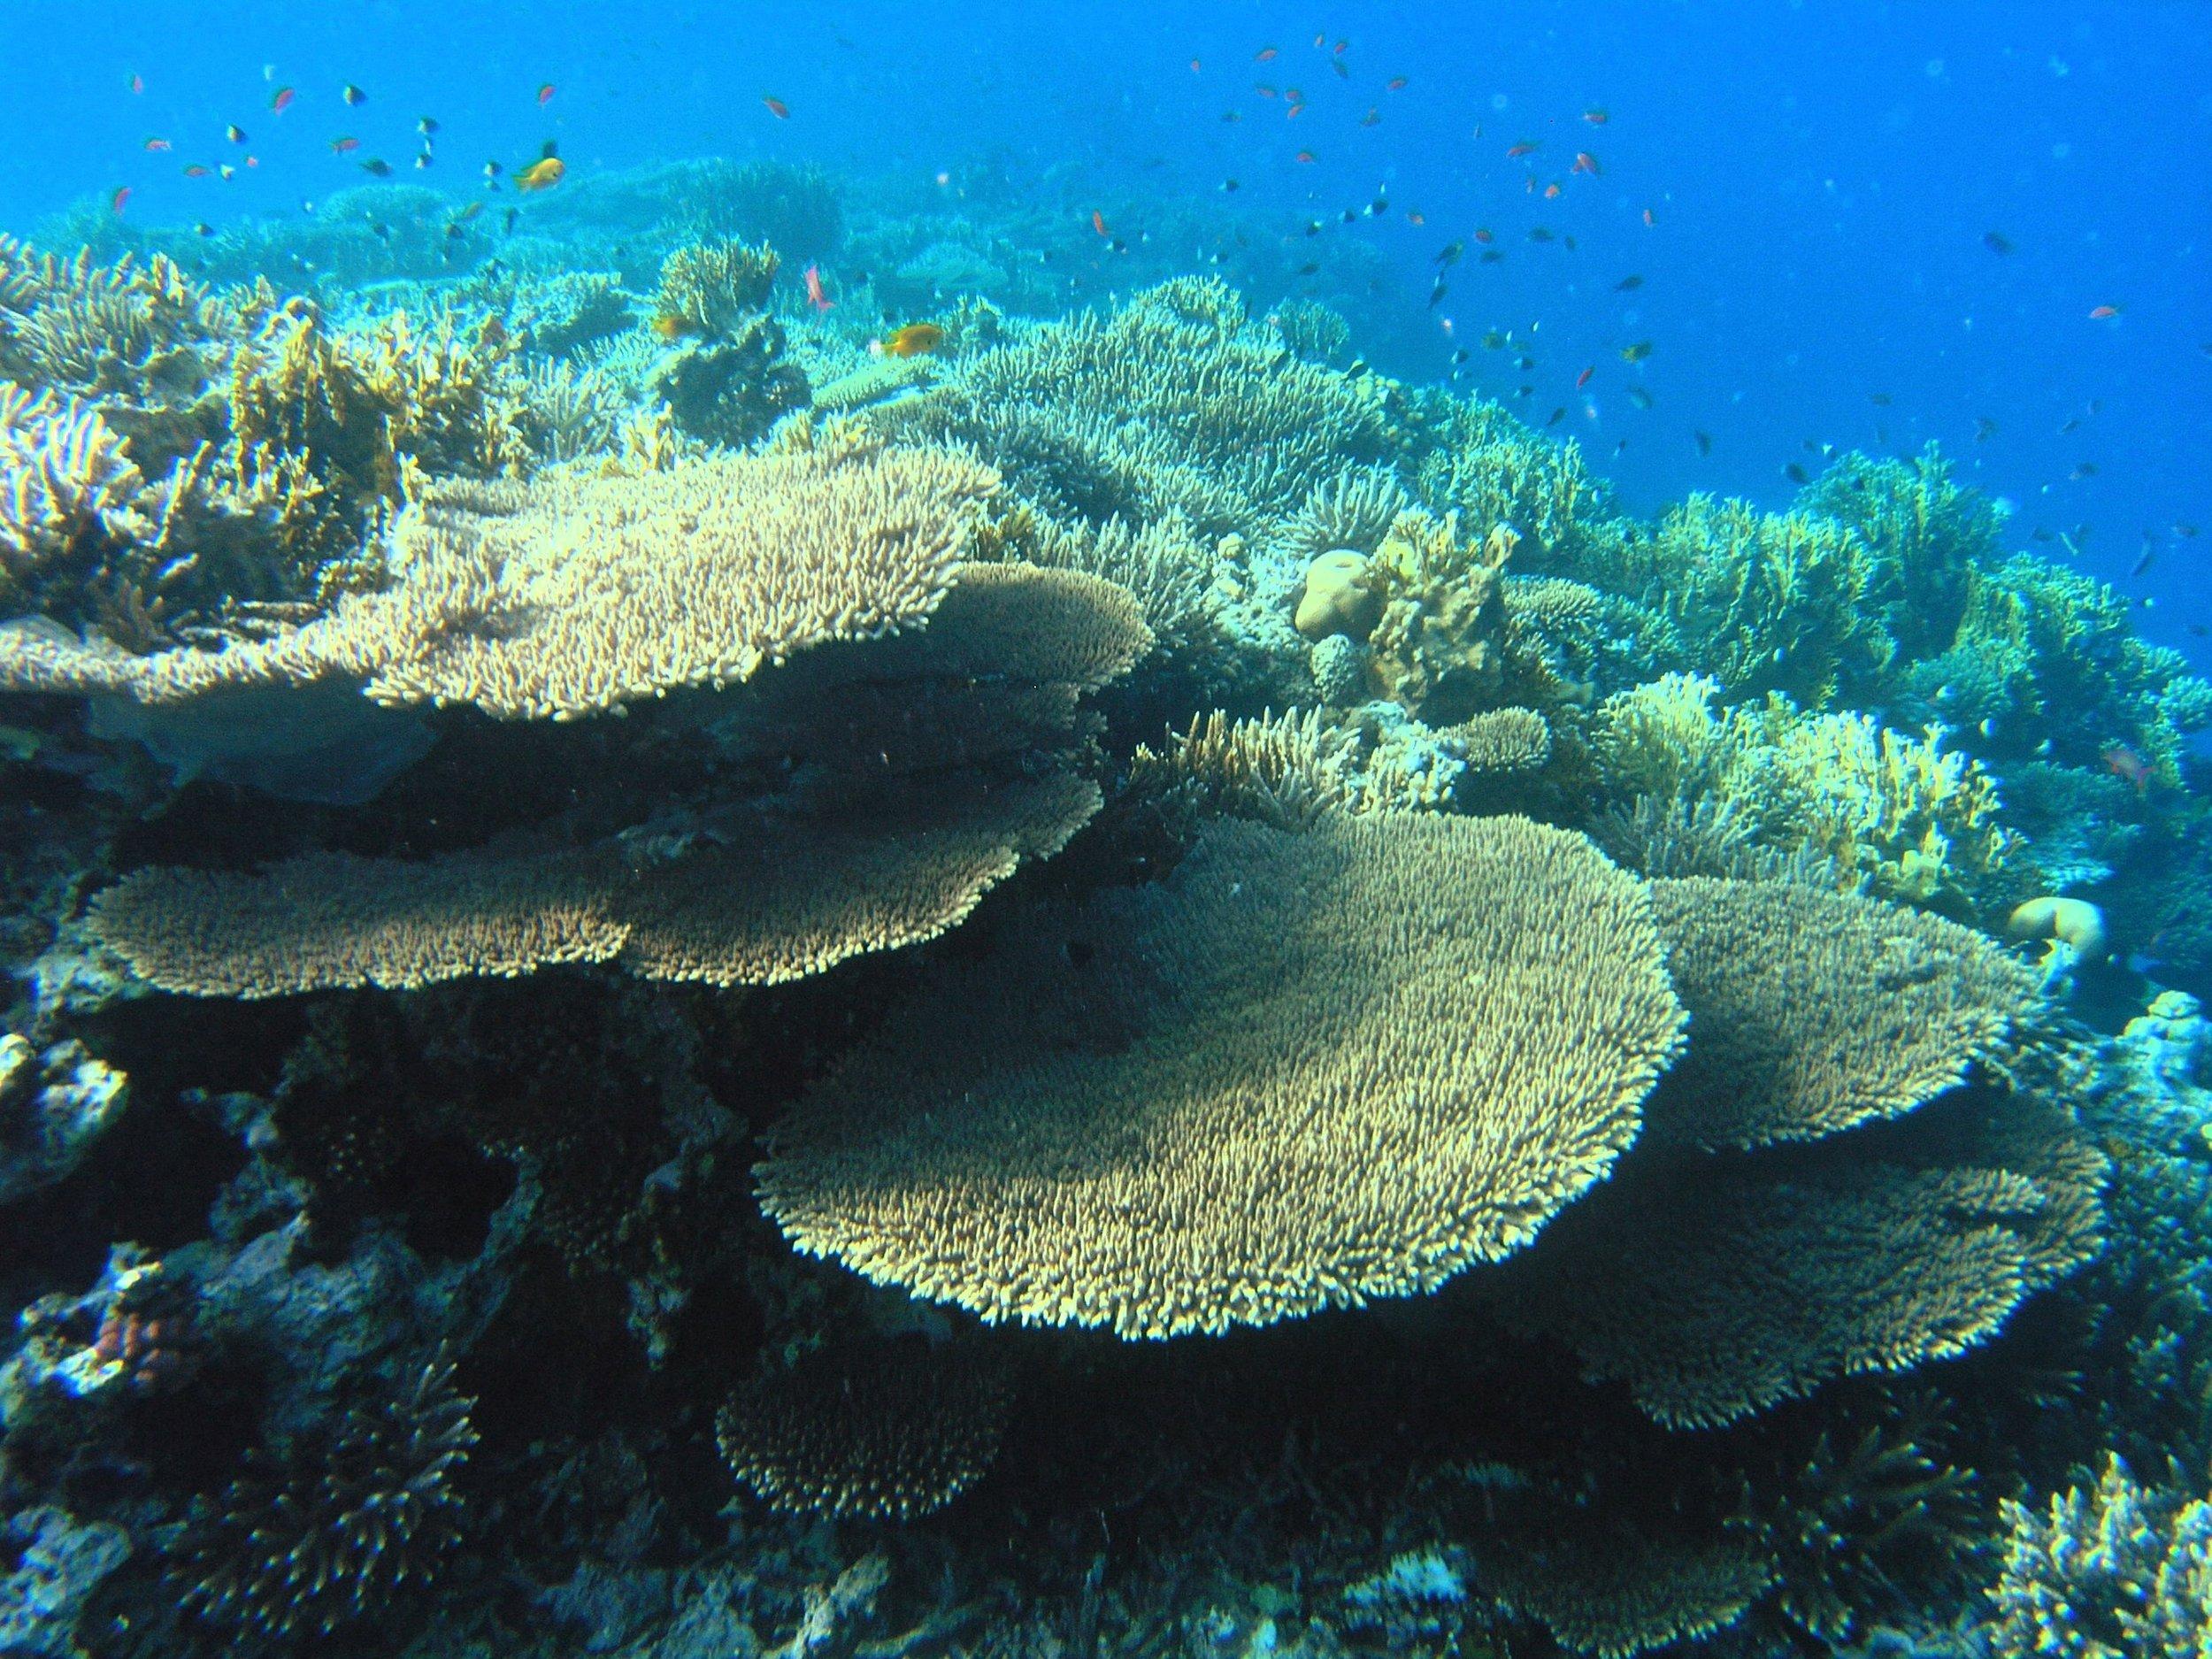 sea-coral underwater.jpg